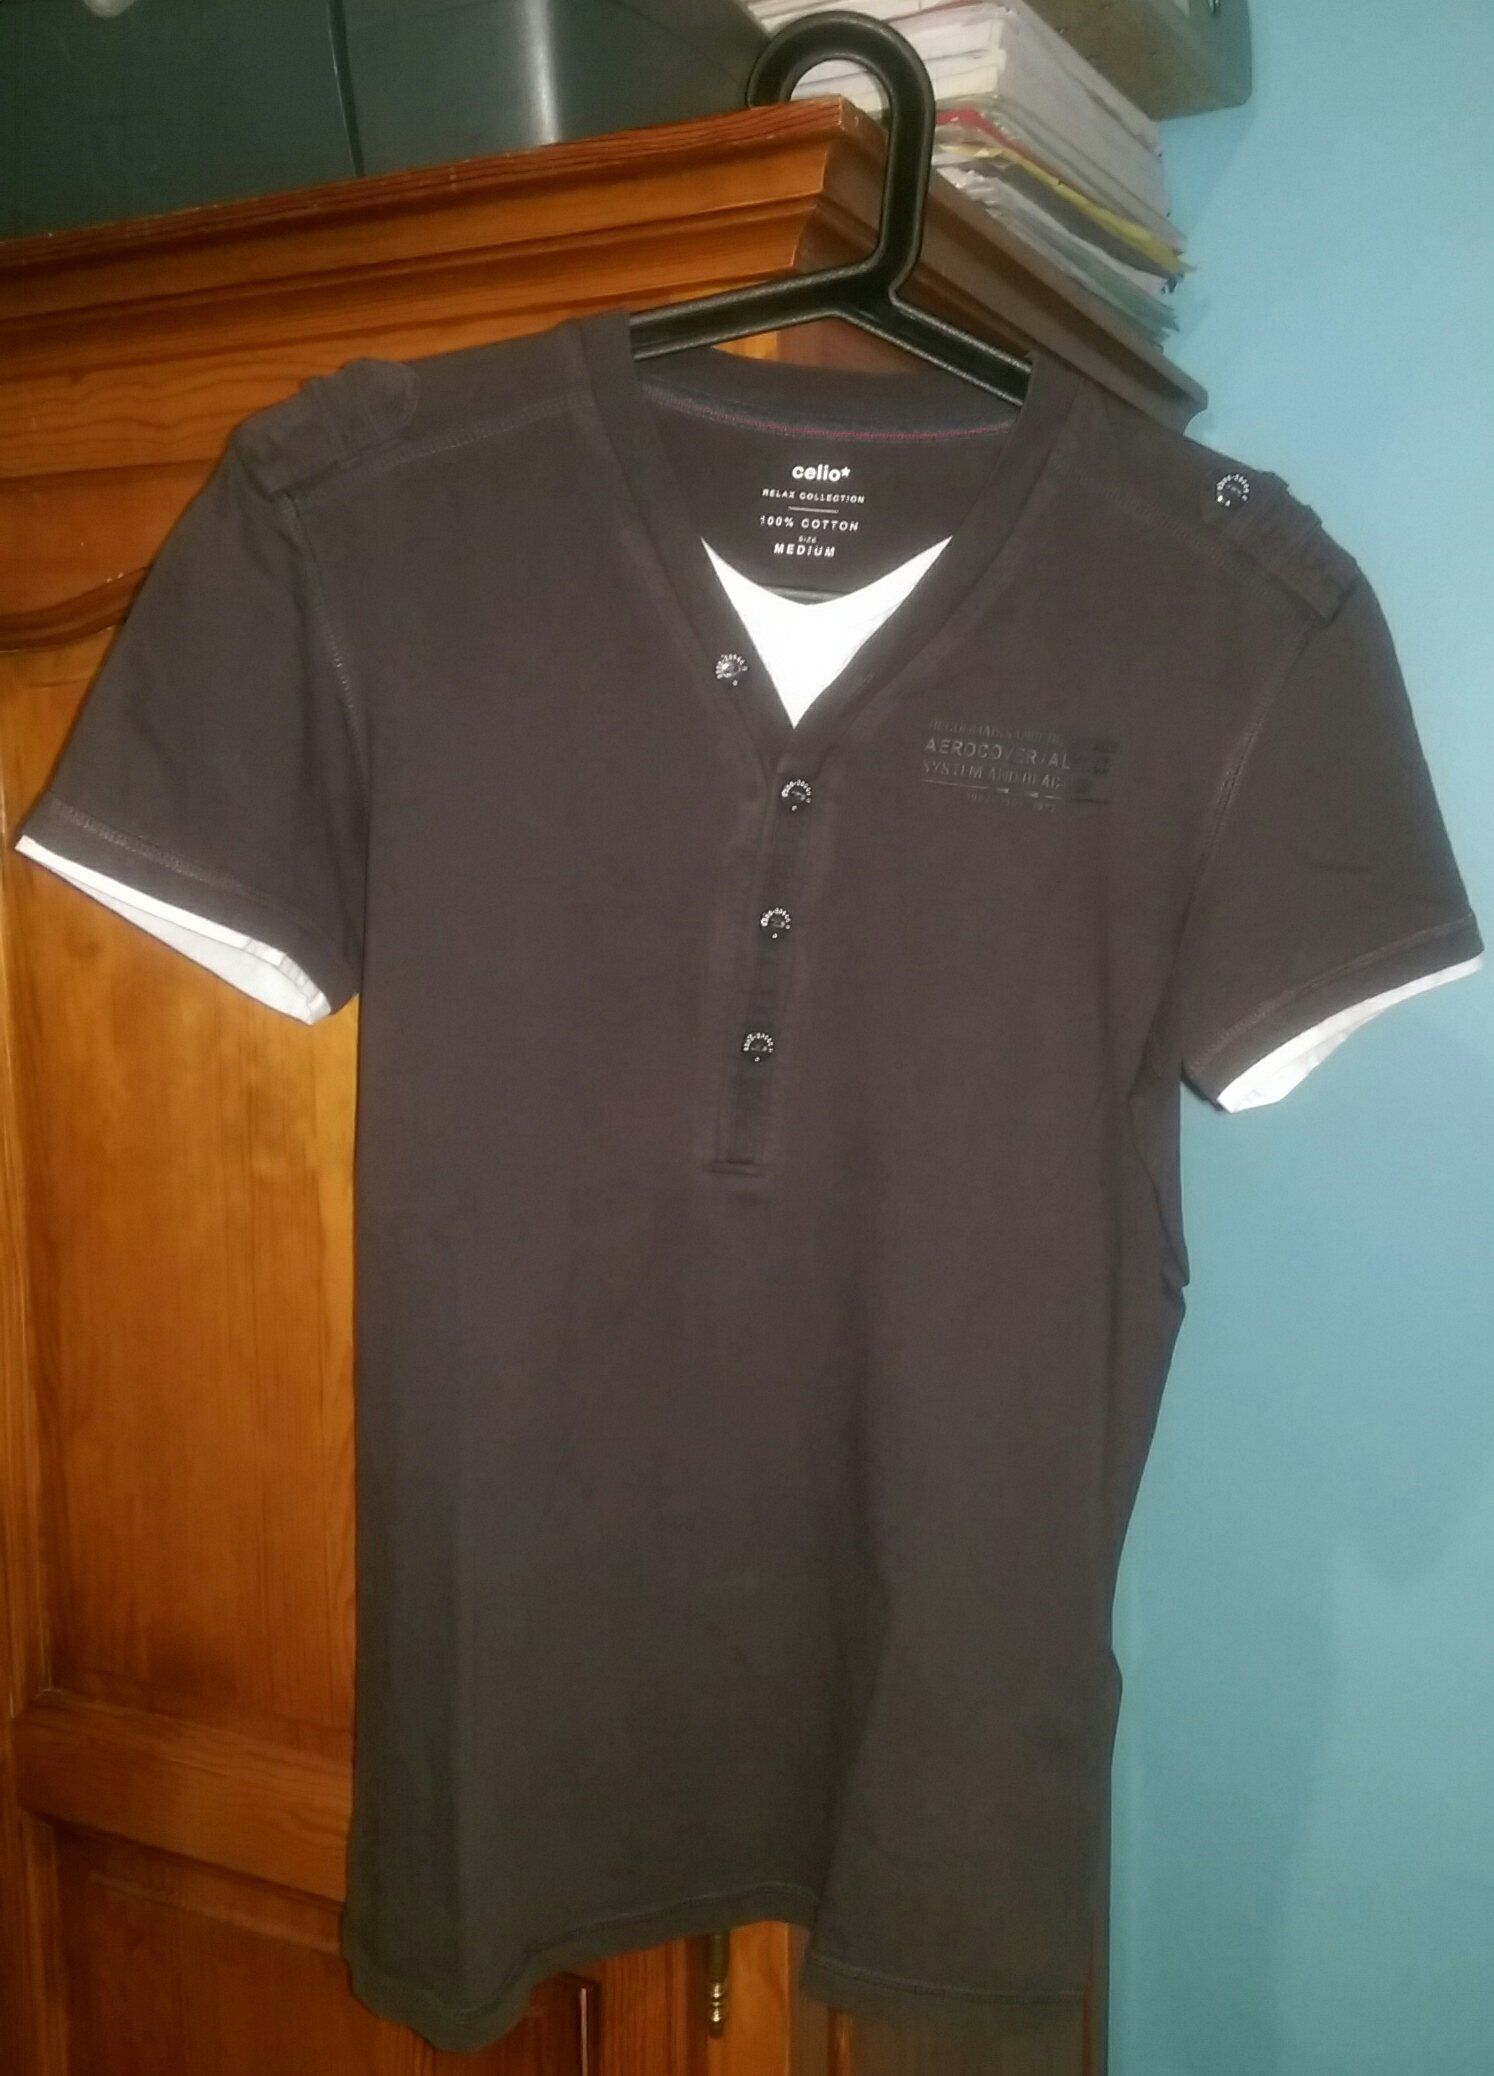 T-shirt Noir clair Celio Relax collection Boutons décoratifs Doublure au  col et aux extrémités des manches (uniquement décorative) 100% coton Taille  M ... 1a8ff49fa749